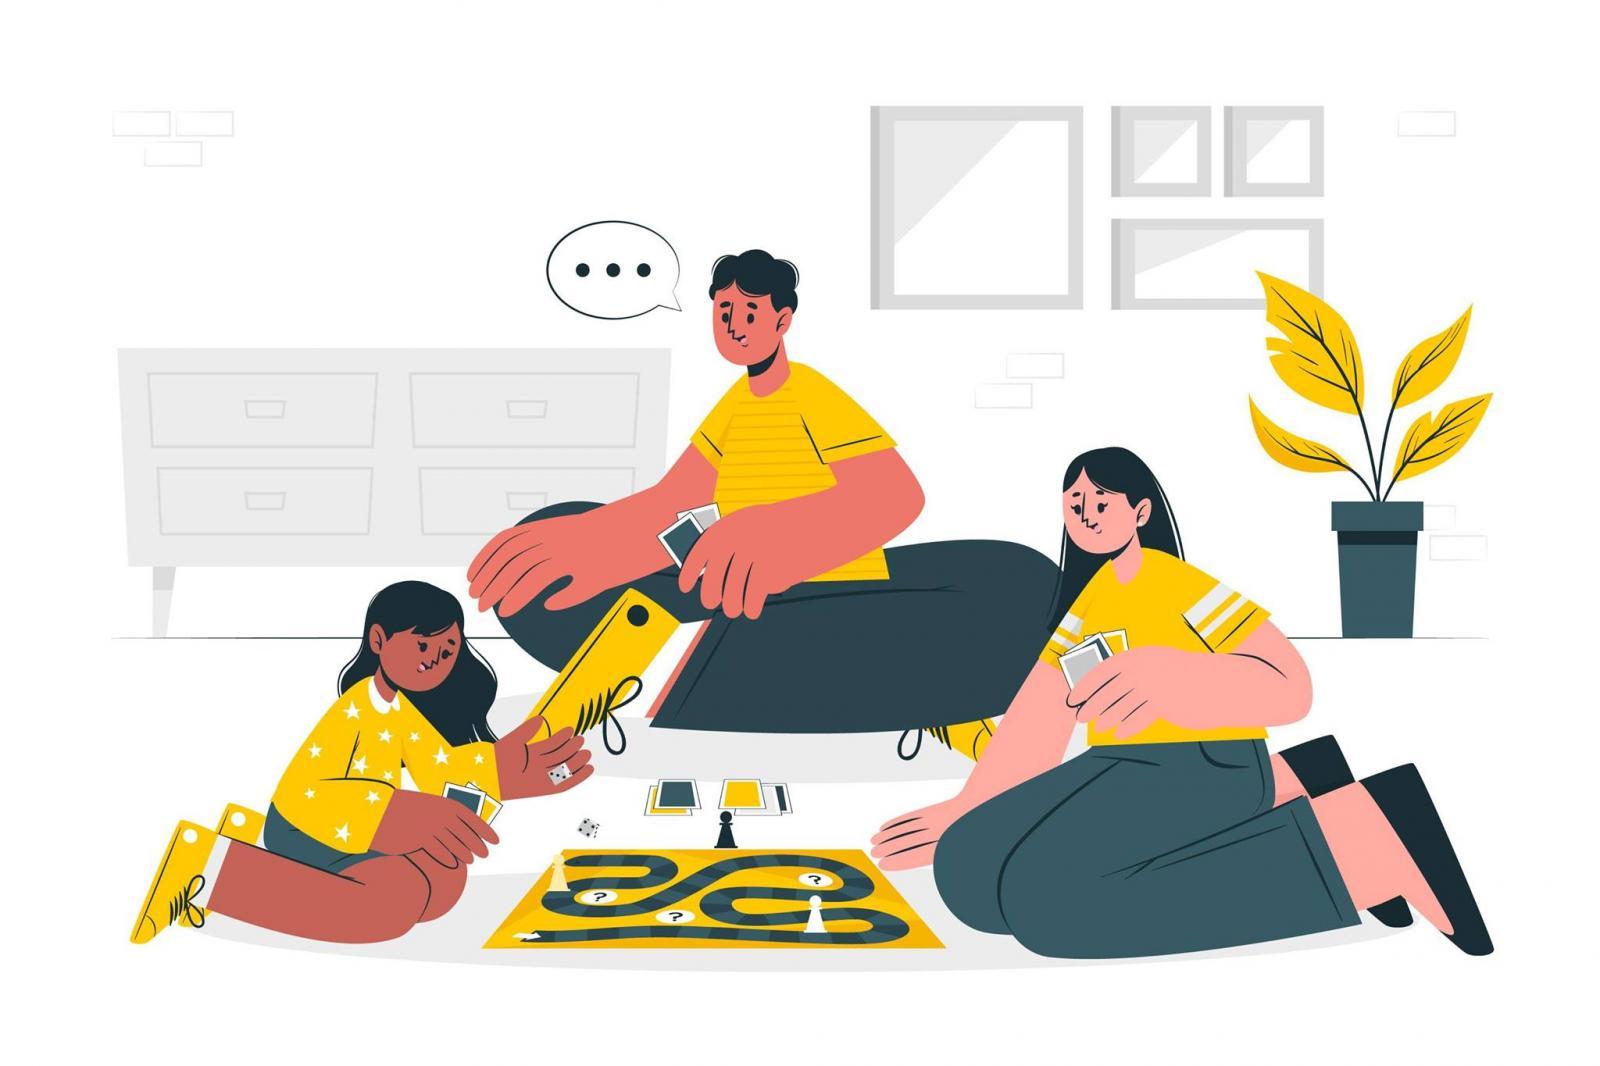 На изображении может находиться: 10 человек, люди улыбаются, люди сидят, люди едят, стол, в помещении и еда